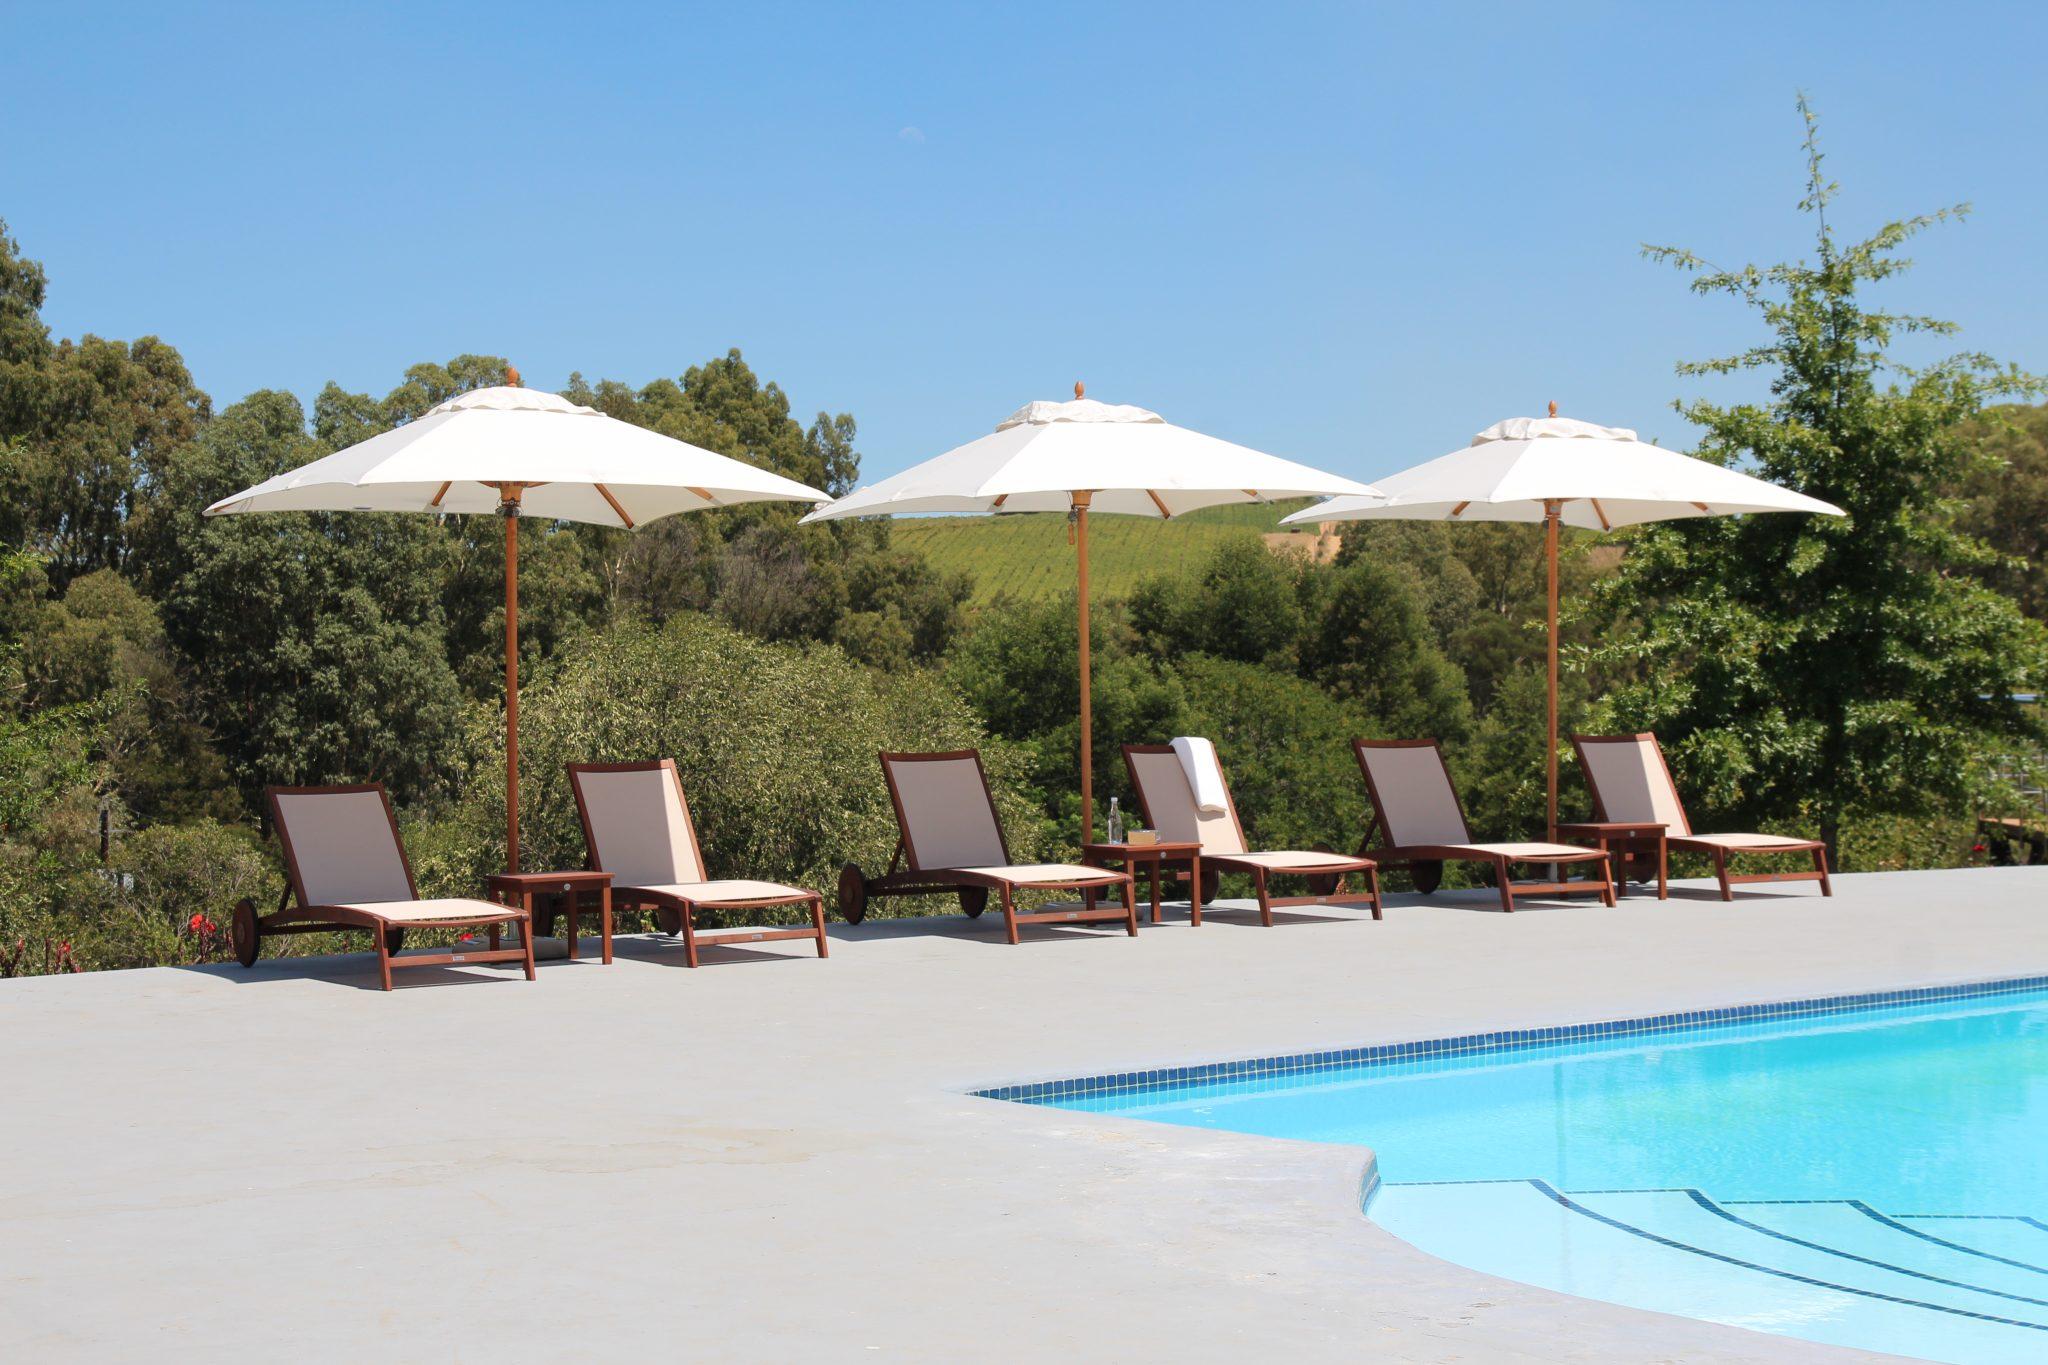 Voile D Ombrage Veranda mobilier d'extérieur, parasols, voiles d'ombrage, chauffages